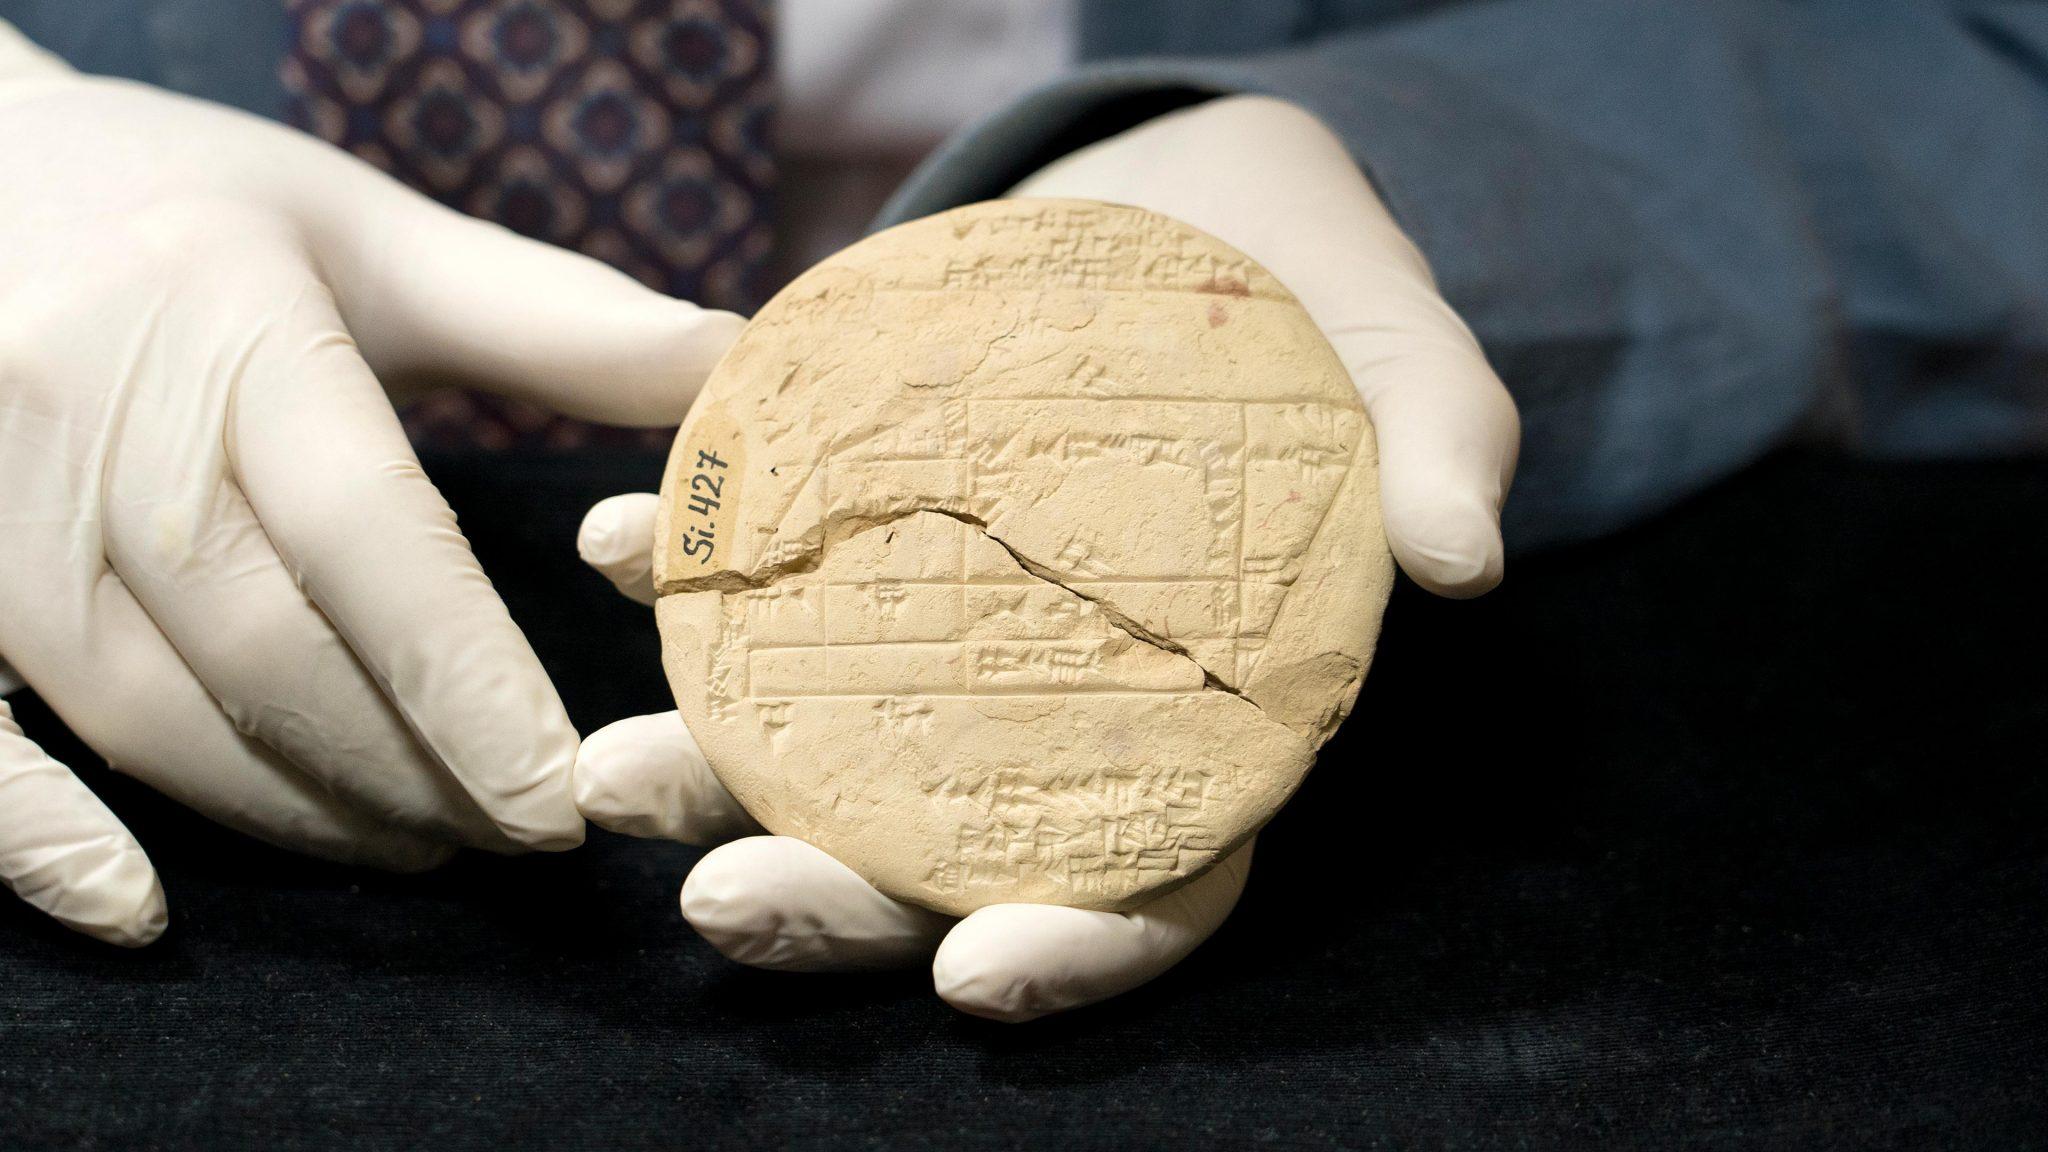 土耳其伊斯坦布尔博物馆3700年历史泥板揭示应用几何学的起源